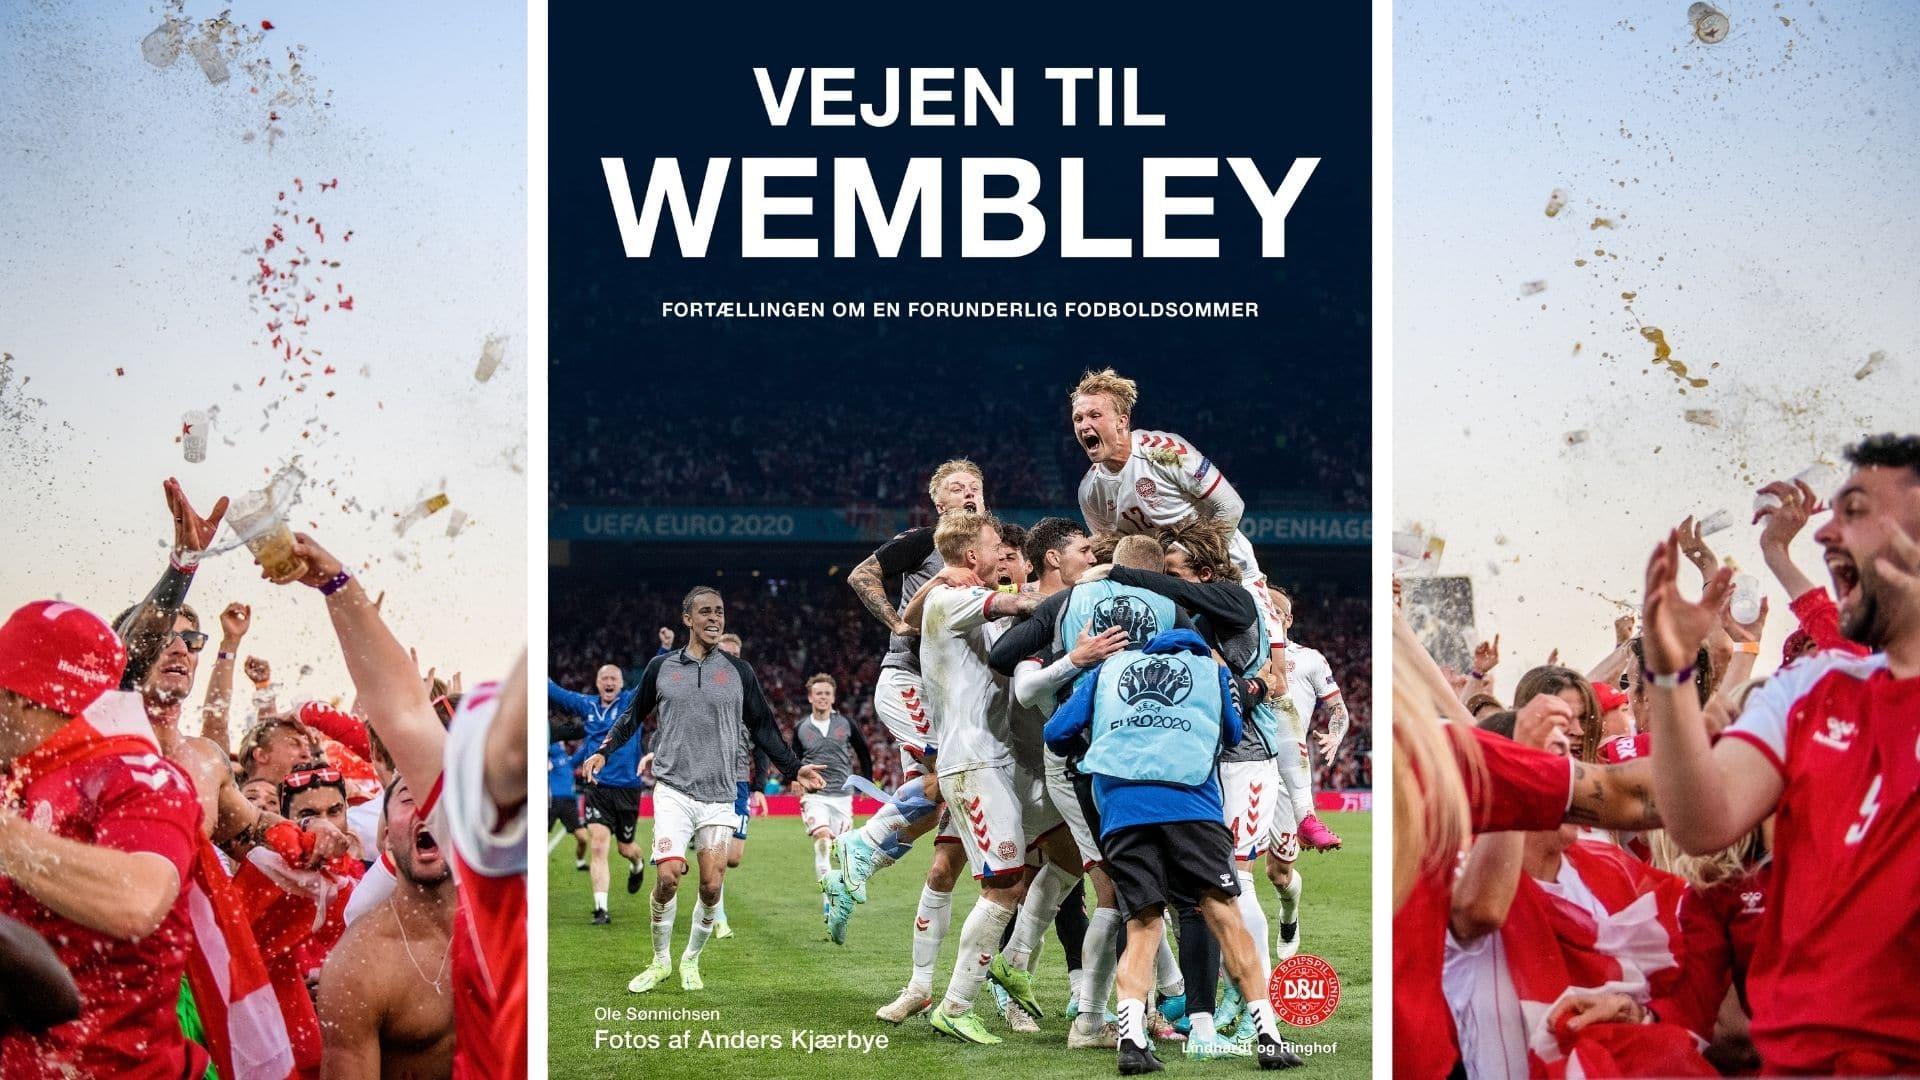 vejen til wembley, ole sønnichsen, anders kjærbye, fodbold bøger, landsholdet